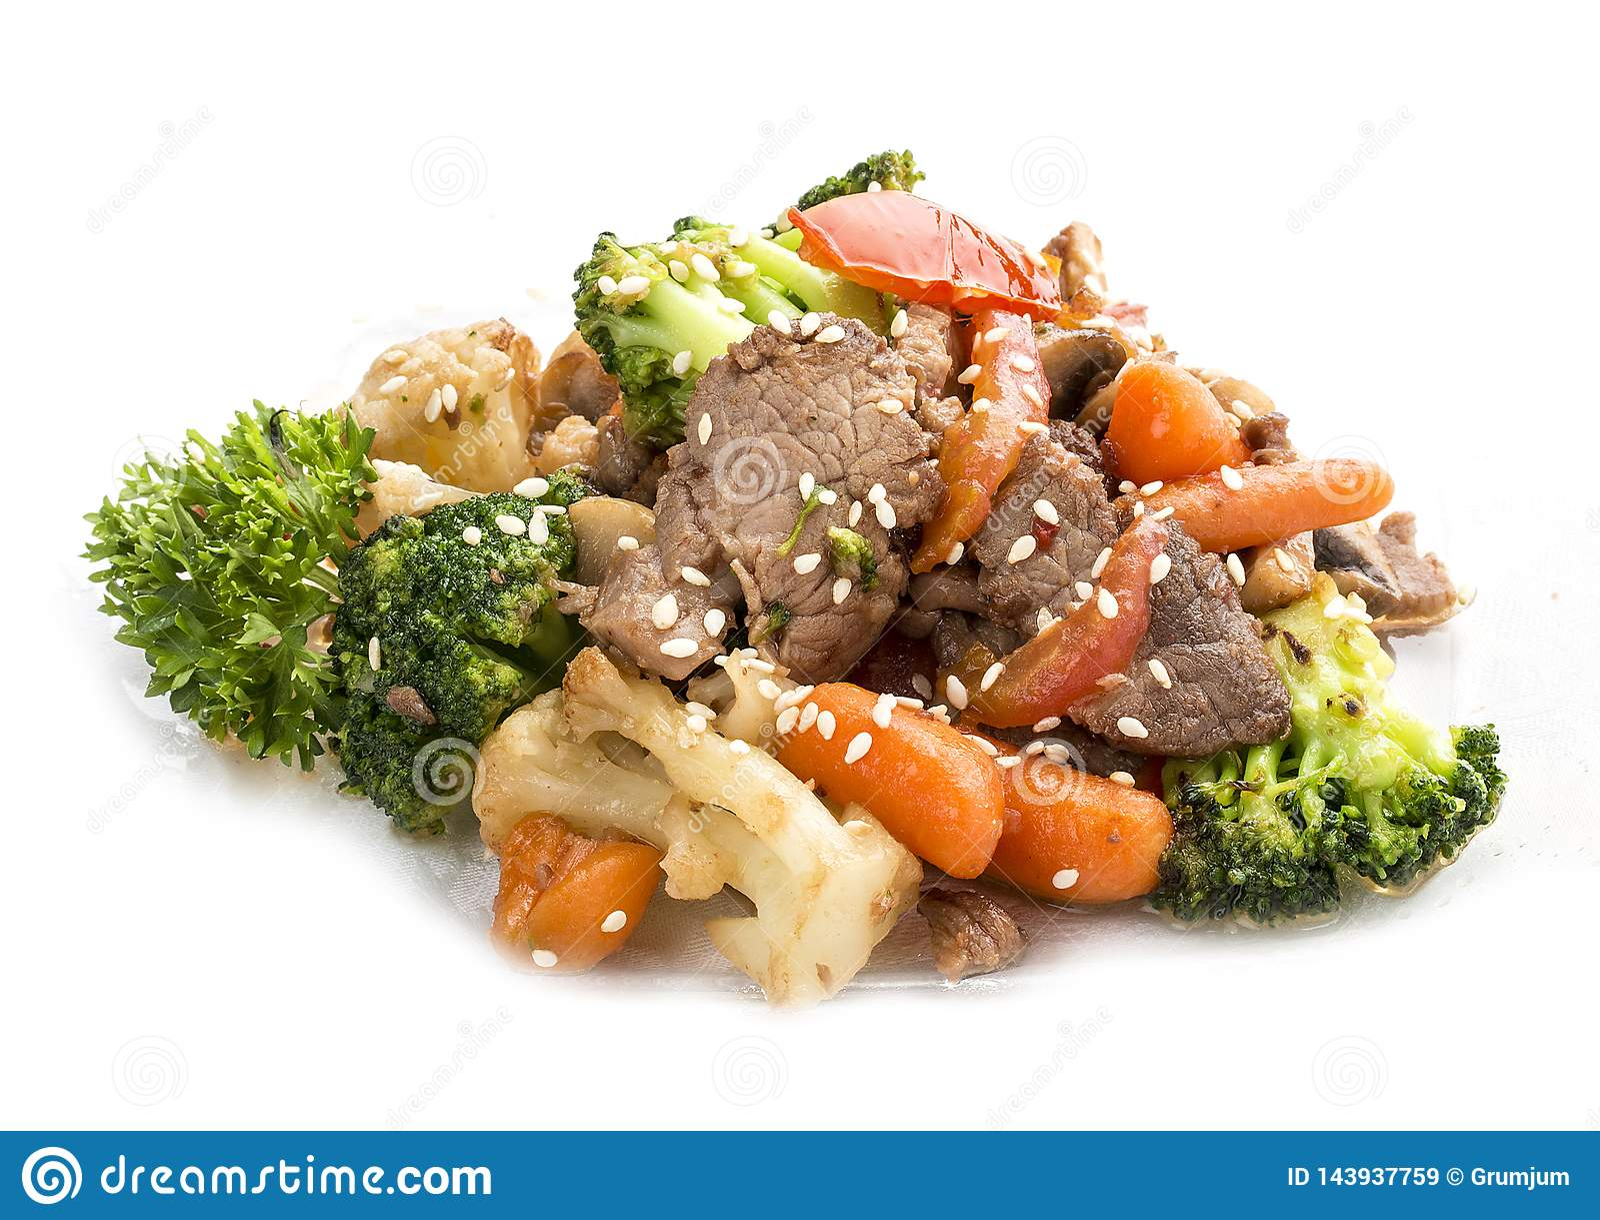 Μοσχαρίσιο κρέας, που τηγανίζεται σε WOK με τα λαχανικά στη σάλτσα σόγιας